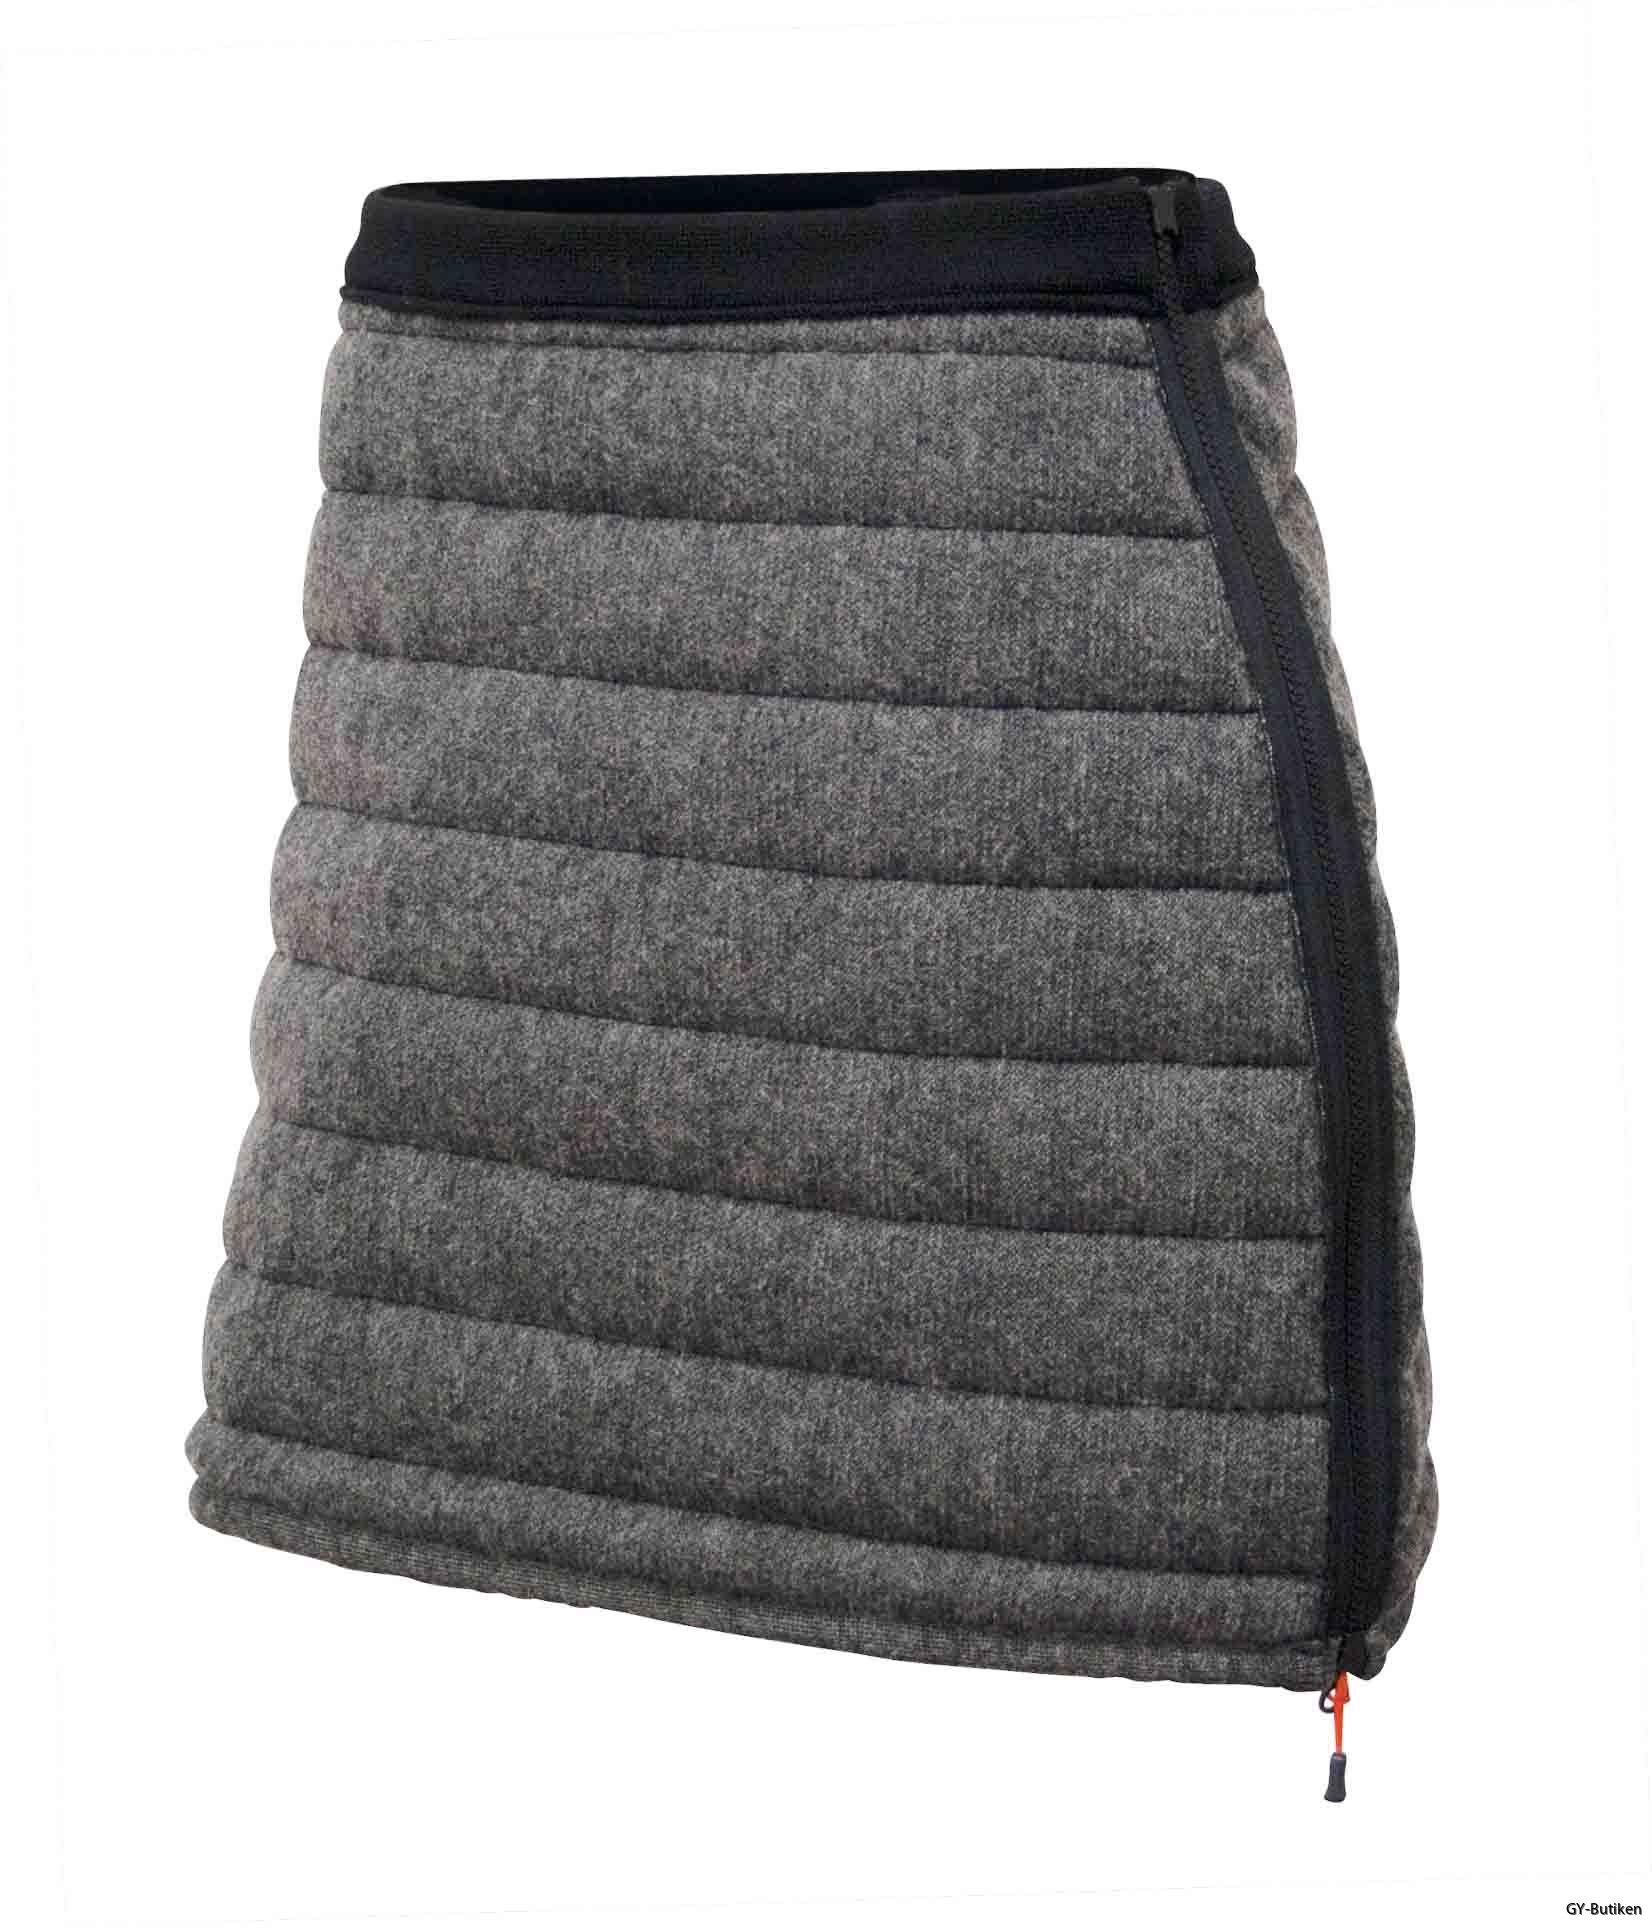 Pulsar_Short_Skirt_013_knitted_side